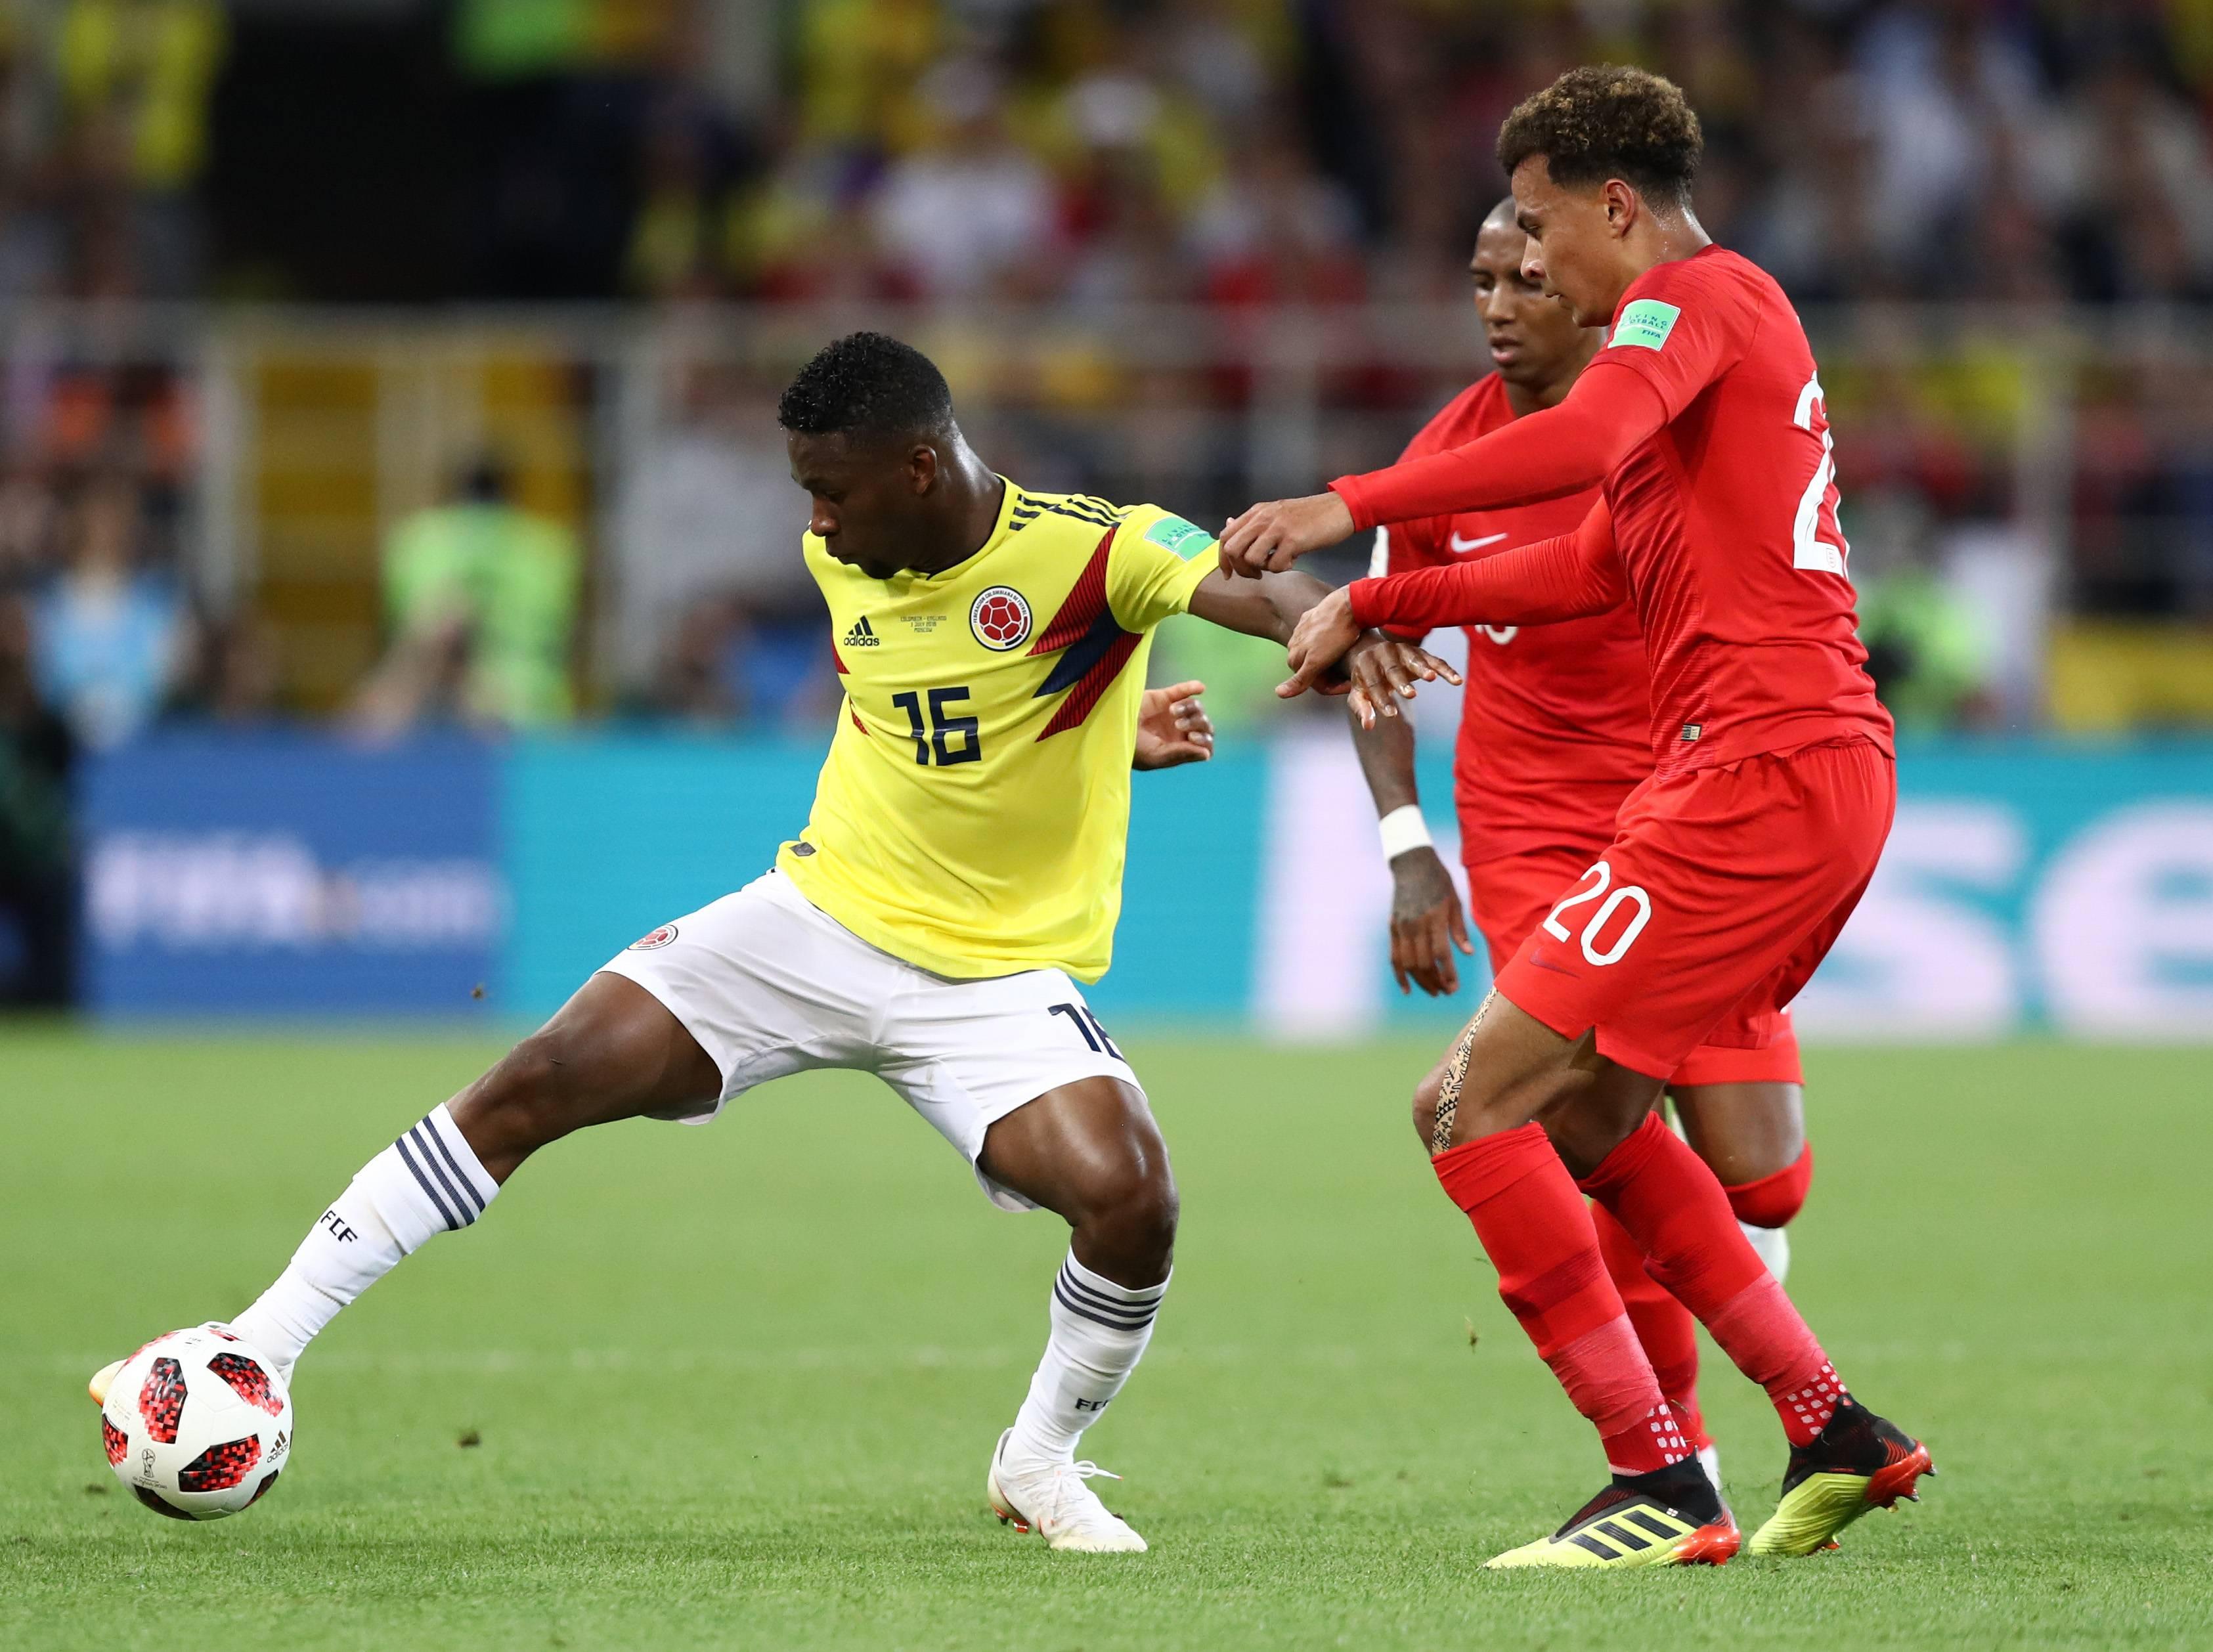 Colombianos hacen recolección de firmas para reclamar ante la FIFA decisiones arbitrales en el partido contra Inglaterra